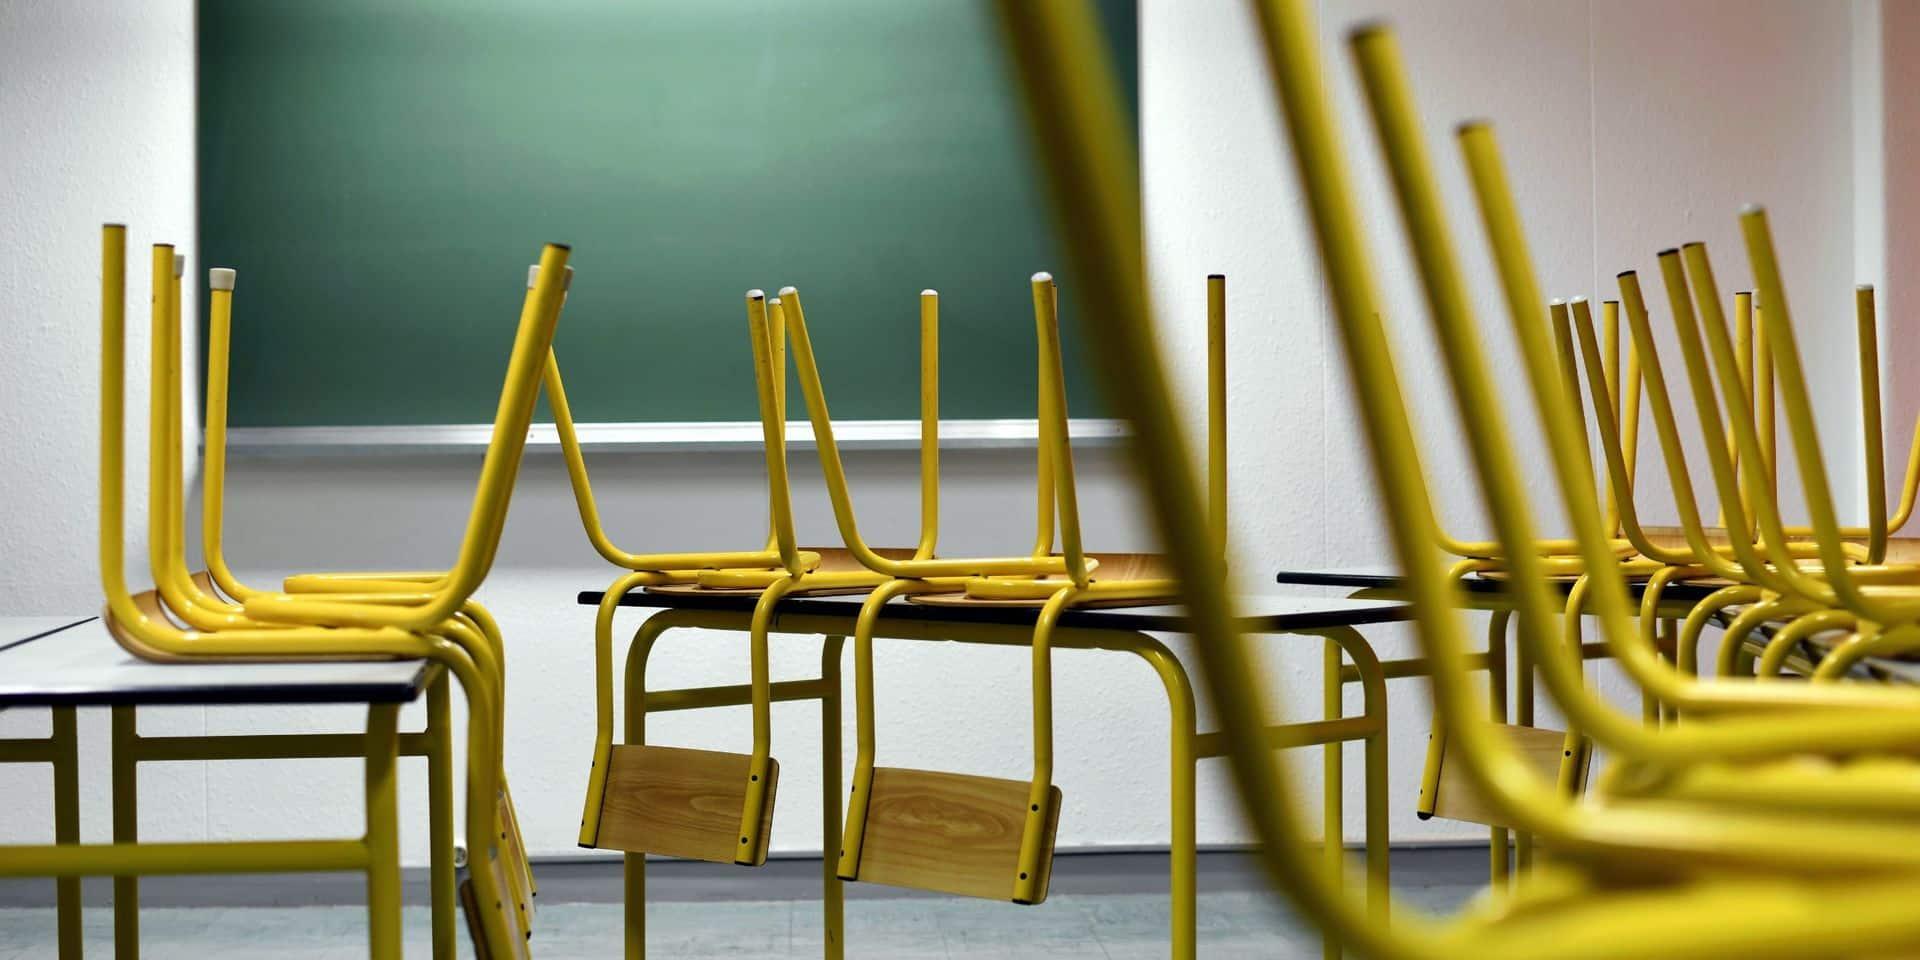 La liste d'attente des inscriptions scolaires, grande source d'anxiété pour les familles